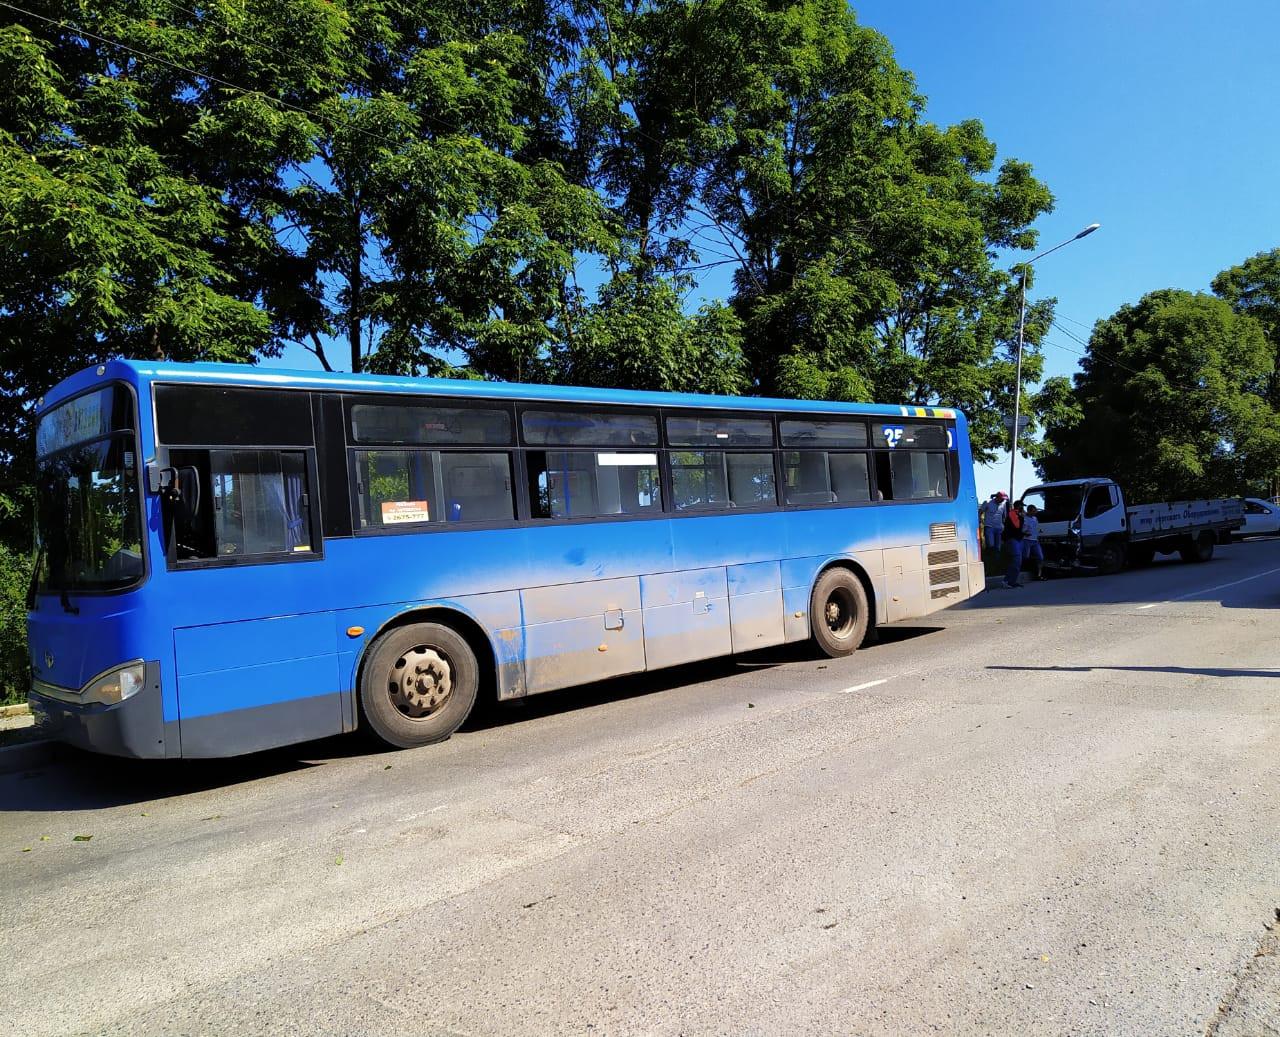 ДТП с участием пассажирского автобуса произошло во Владивостоке